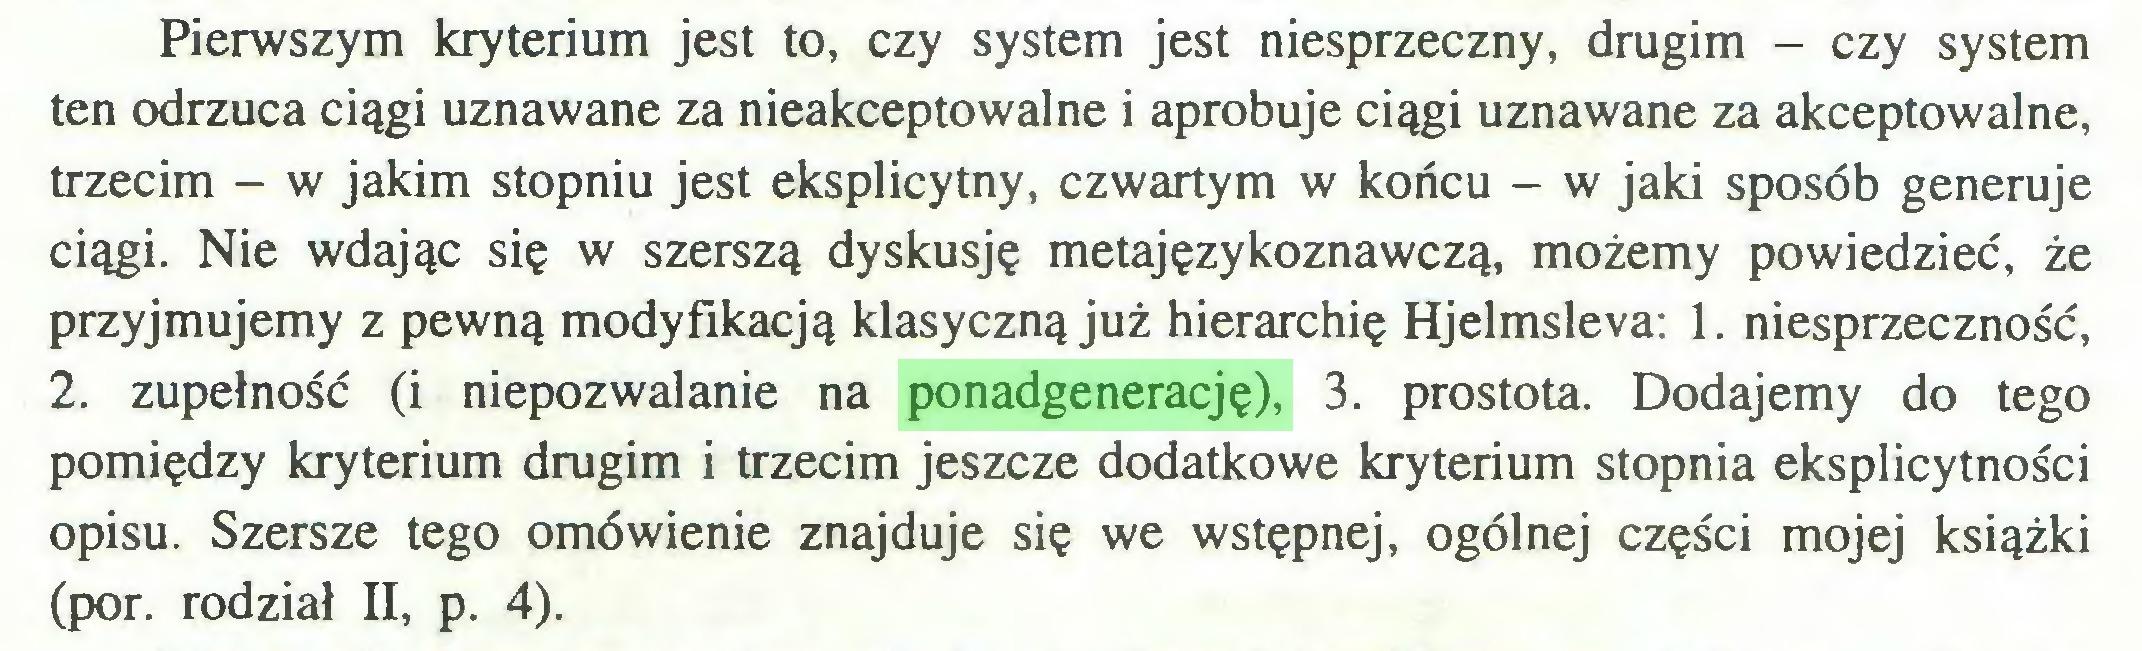 (...) Pierwszym kryterium jest to, czy system jest niesprzeczny, drugim - czy system ten odrzuca ciągi uznawane za nieakceptowalne i aprobuje ciągi uznawane za akceptowalne, trzecim - w jakim stopniu jest eksplicytny, czwartym w końcu - w jaki sposób generuje ciągi. Nie wdając się w szerszą dyskusję metajęzykoznawczą, możemy powiedzieć, że przyjmujemy z pewną modyfikacją klasyczną już hierarchię Hjelmsleva: 1. niesprzeczność, 2. zupełność (i niepozwalanie na ponadgenerację), 3. prostota. Dodajemy do tego pomiędzy kryterium drugim i trzecim jeszcze dodatkowe kryterium stopnia eksplicytności opisu. Szersze tego omówienie znajduje się we wstępnej, ogólnej części mojej książki (por. rodział II, p. 4)...